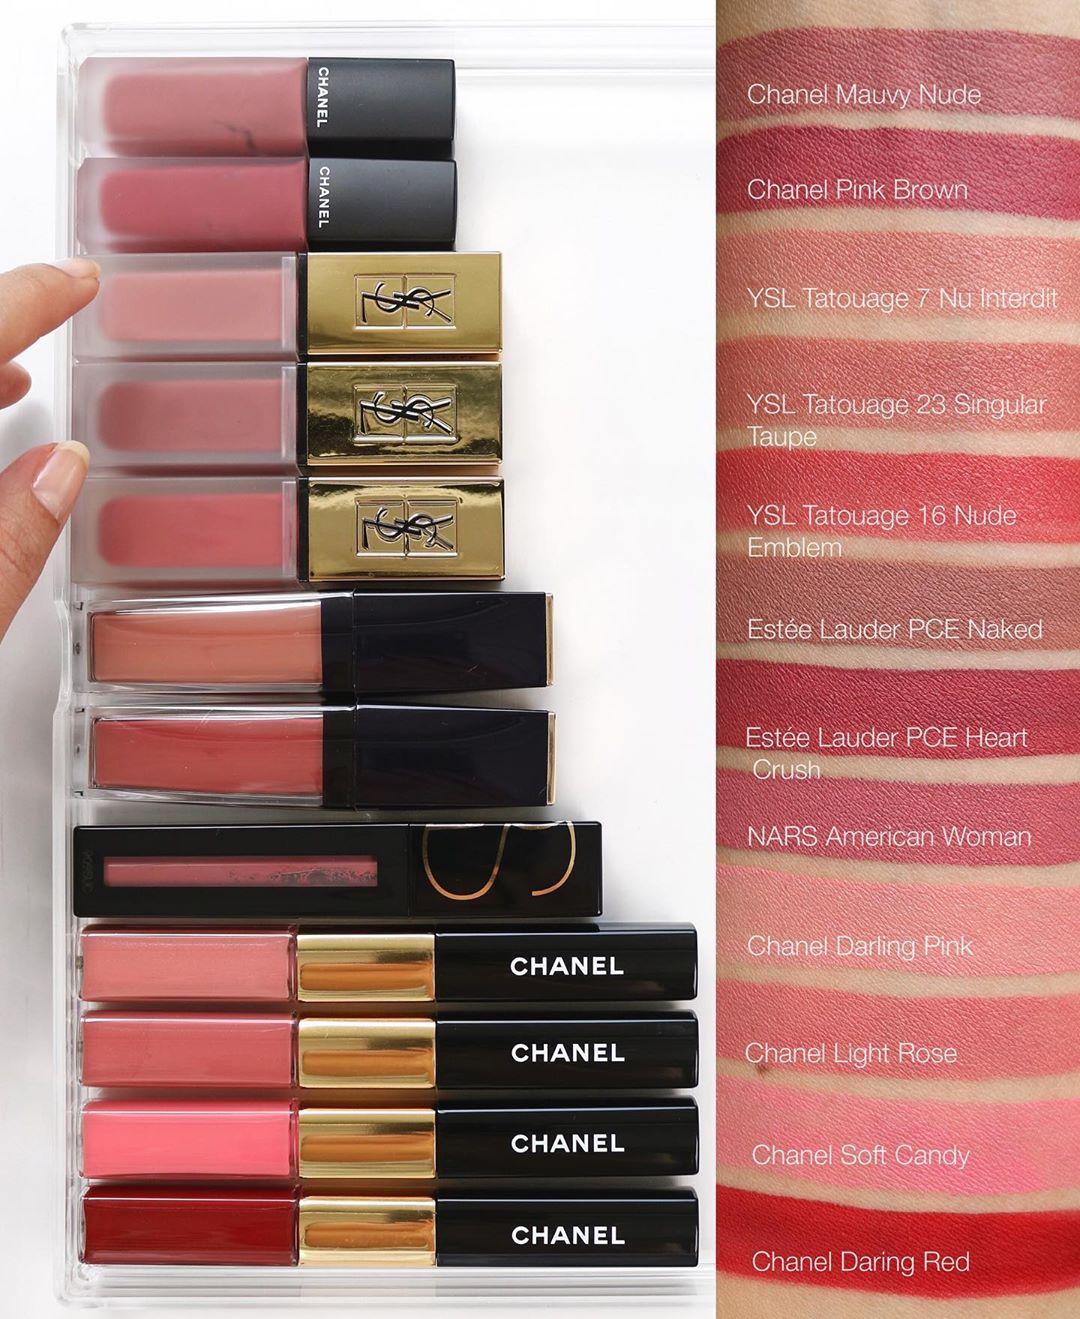 Đầu tư chi cho tốn kém, nàng công sở chỉ cần có 5 món makeup này là đã trẻ xinh, nhan sắc lên hương rõ ràng - Ảnh 1.